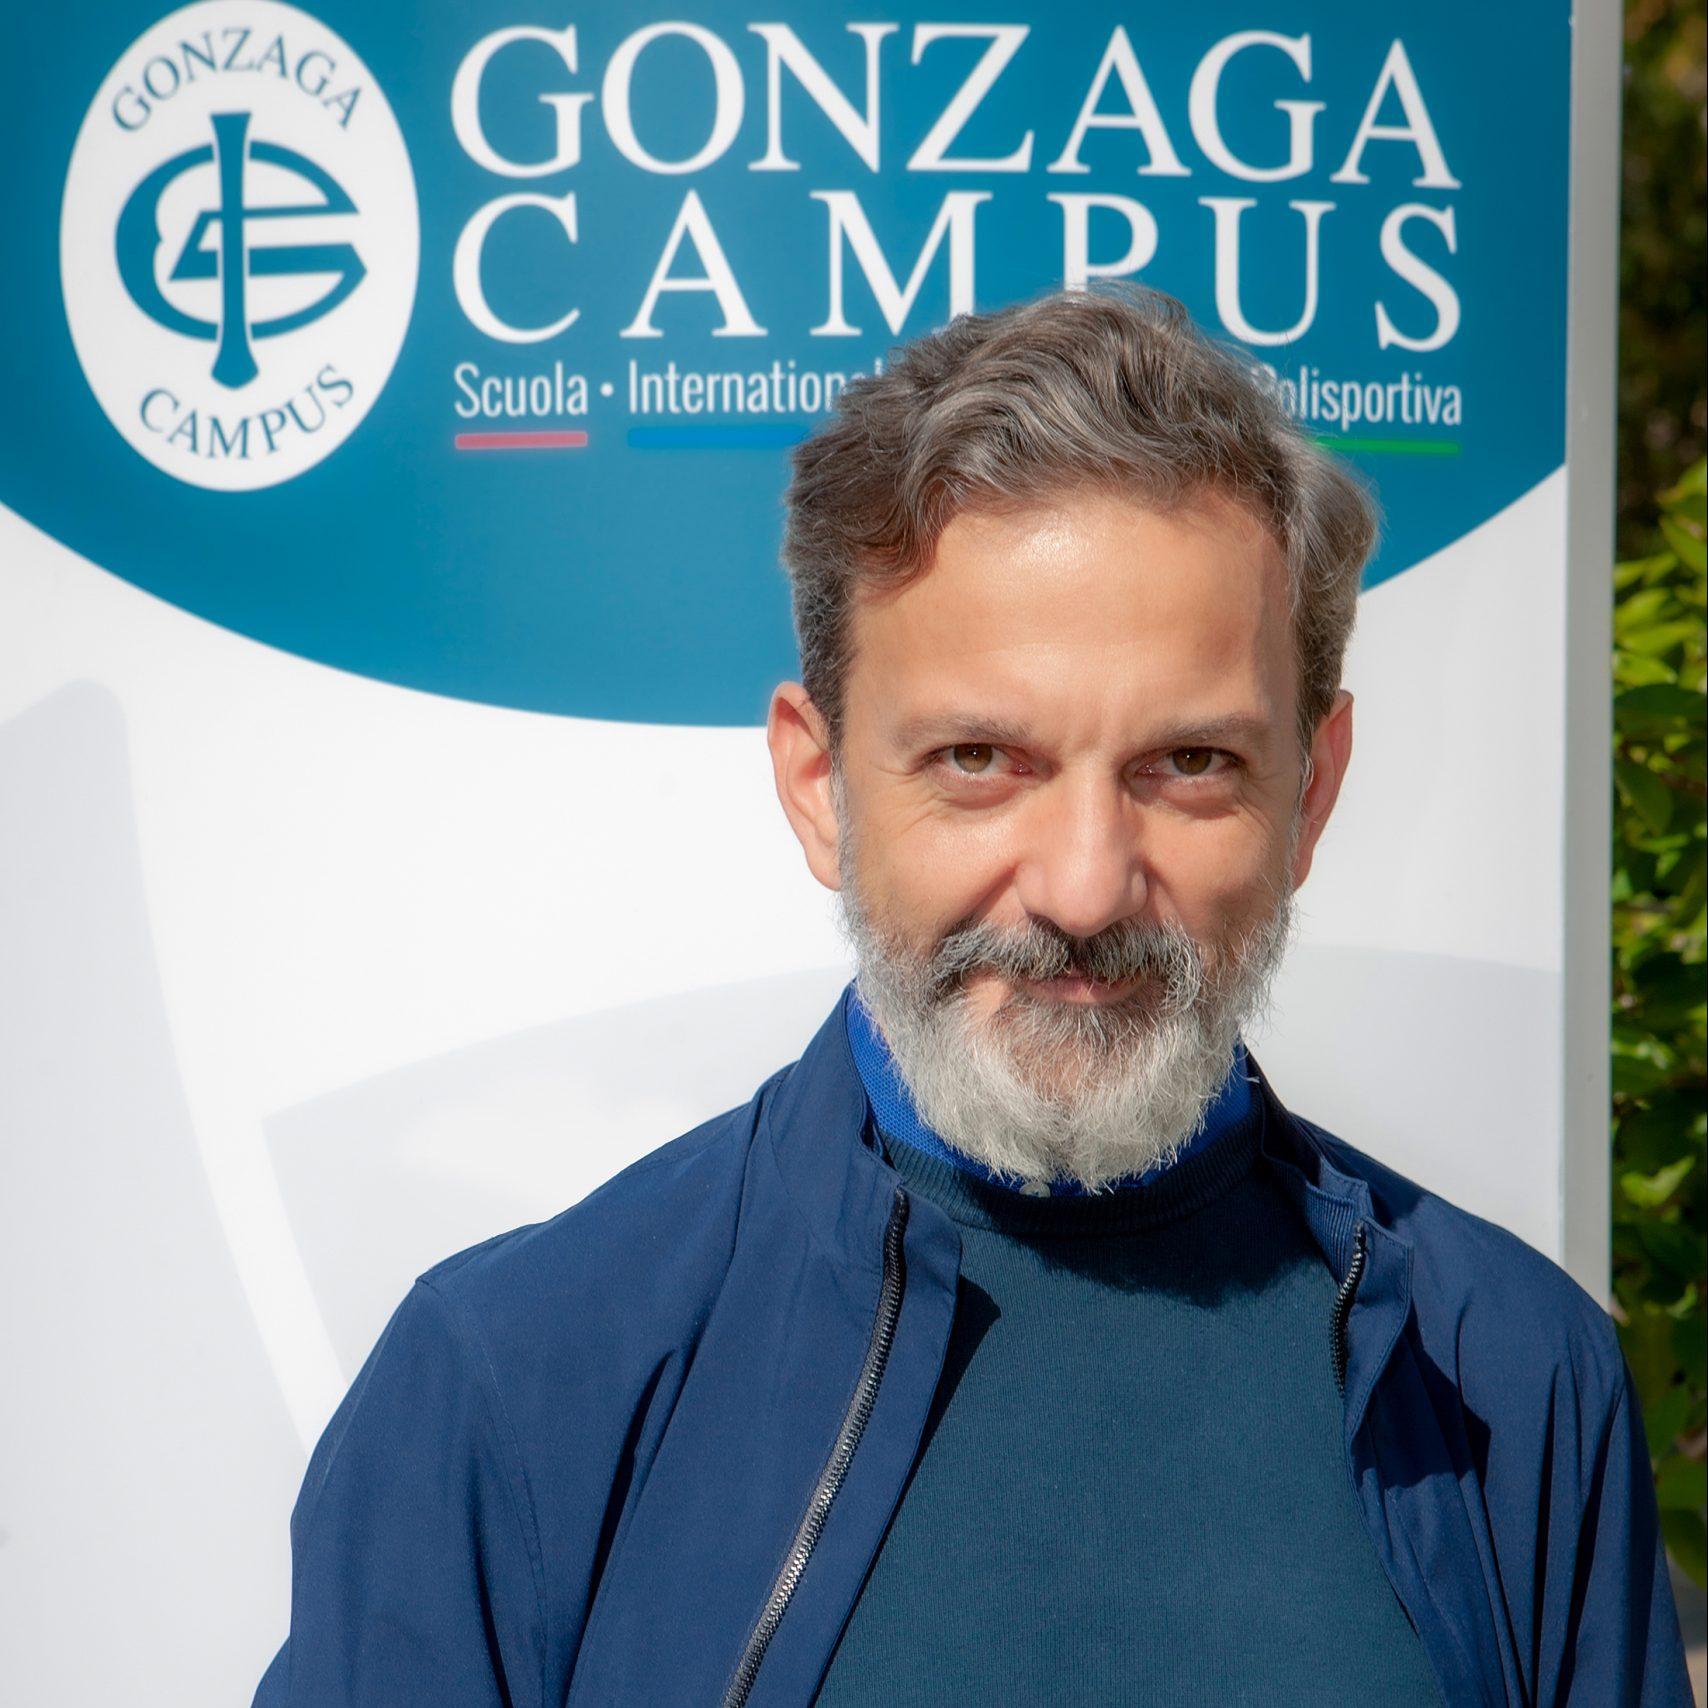 Chiaramonte Vito [Coordinatore Didattico]